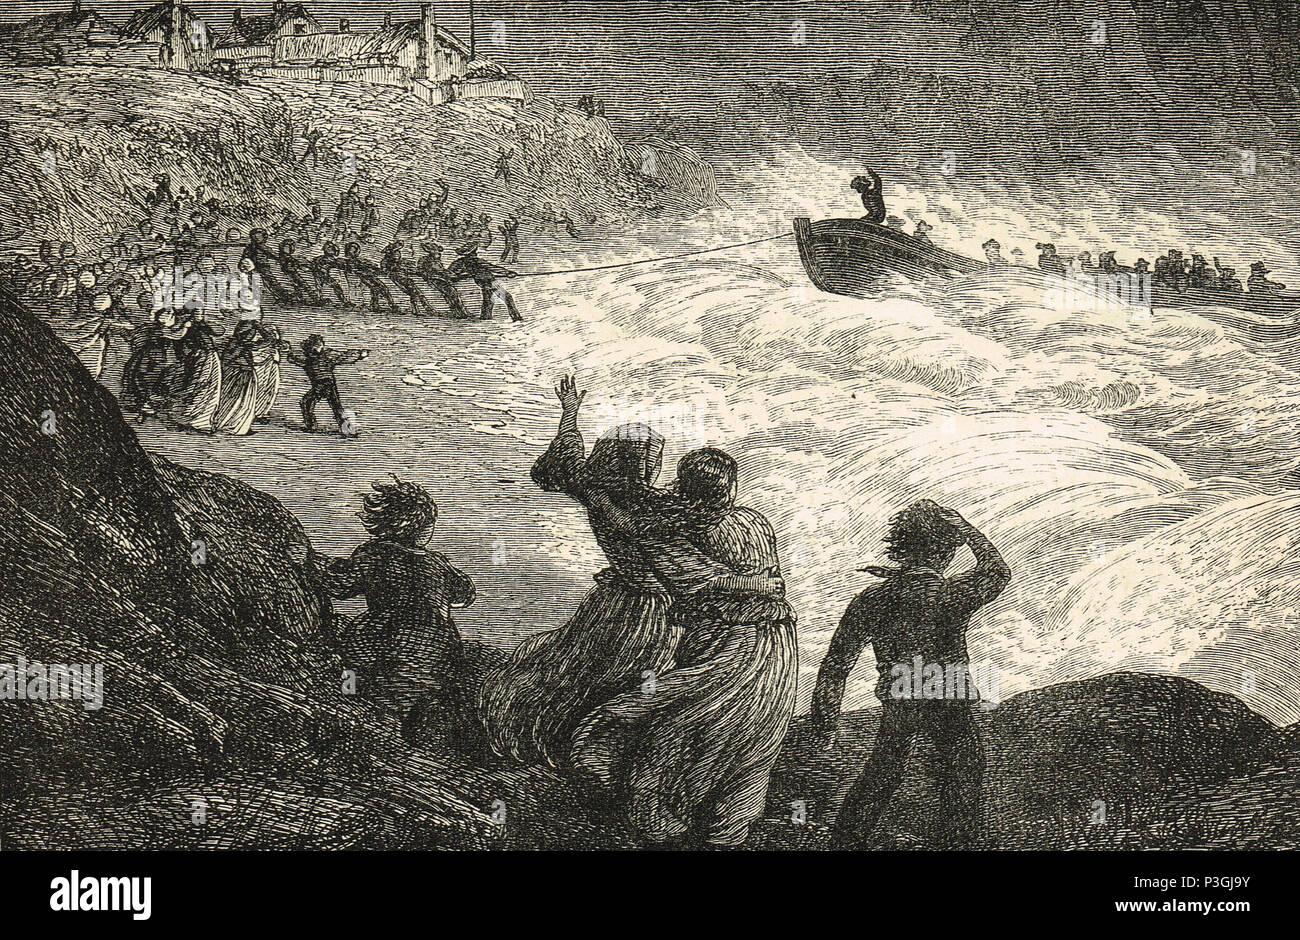 Retorno del bote salvavidas, ilustración del siglo XIX. Imagen De Stock